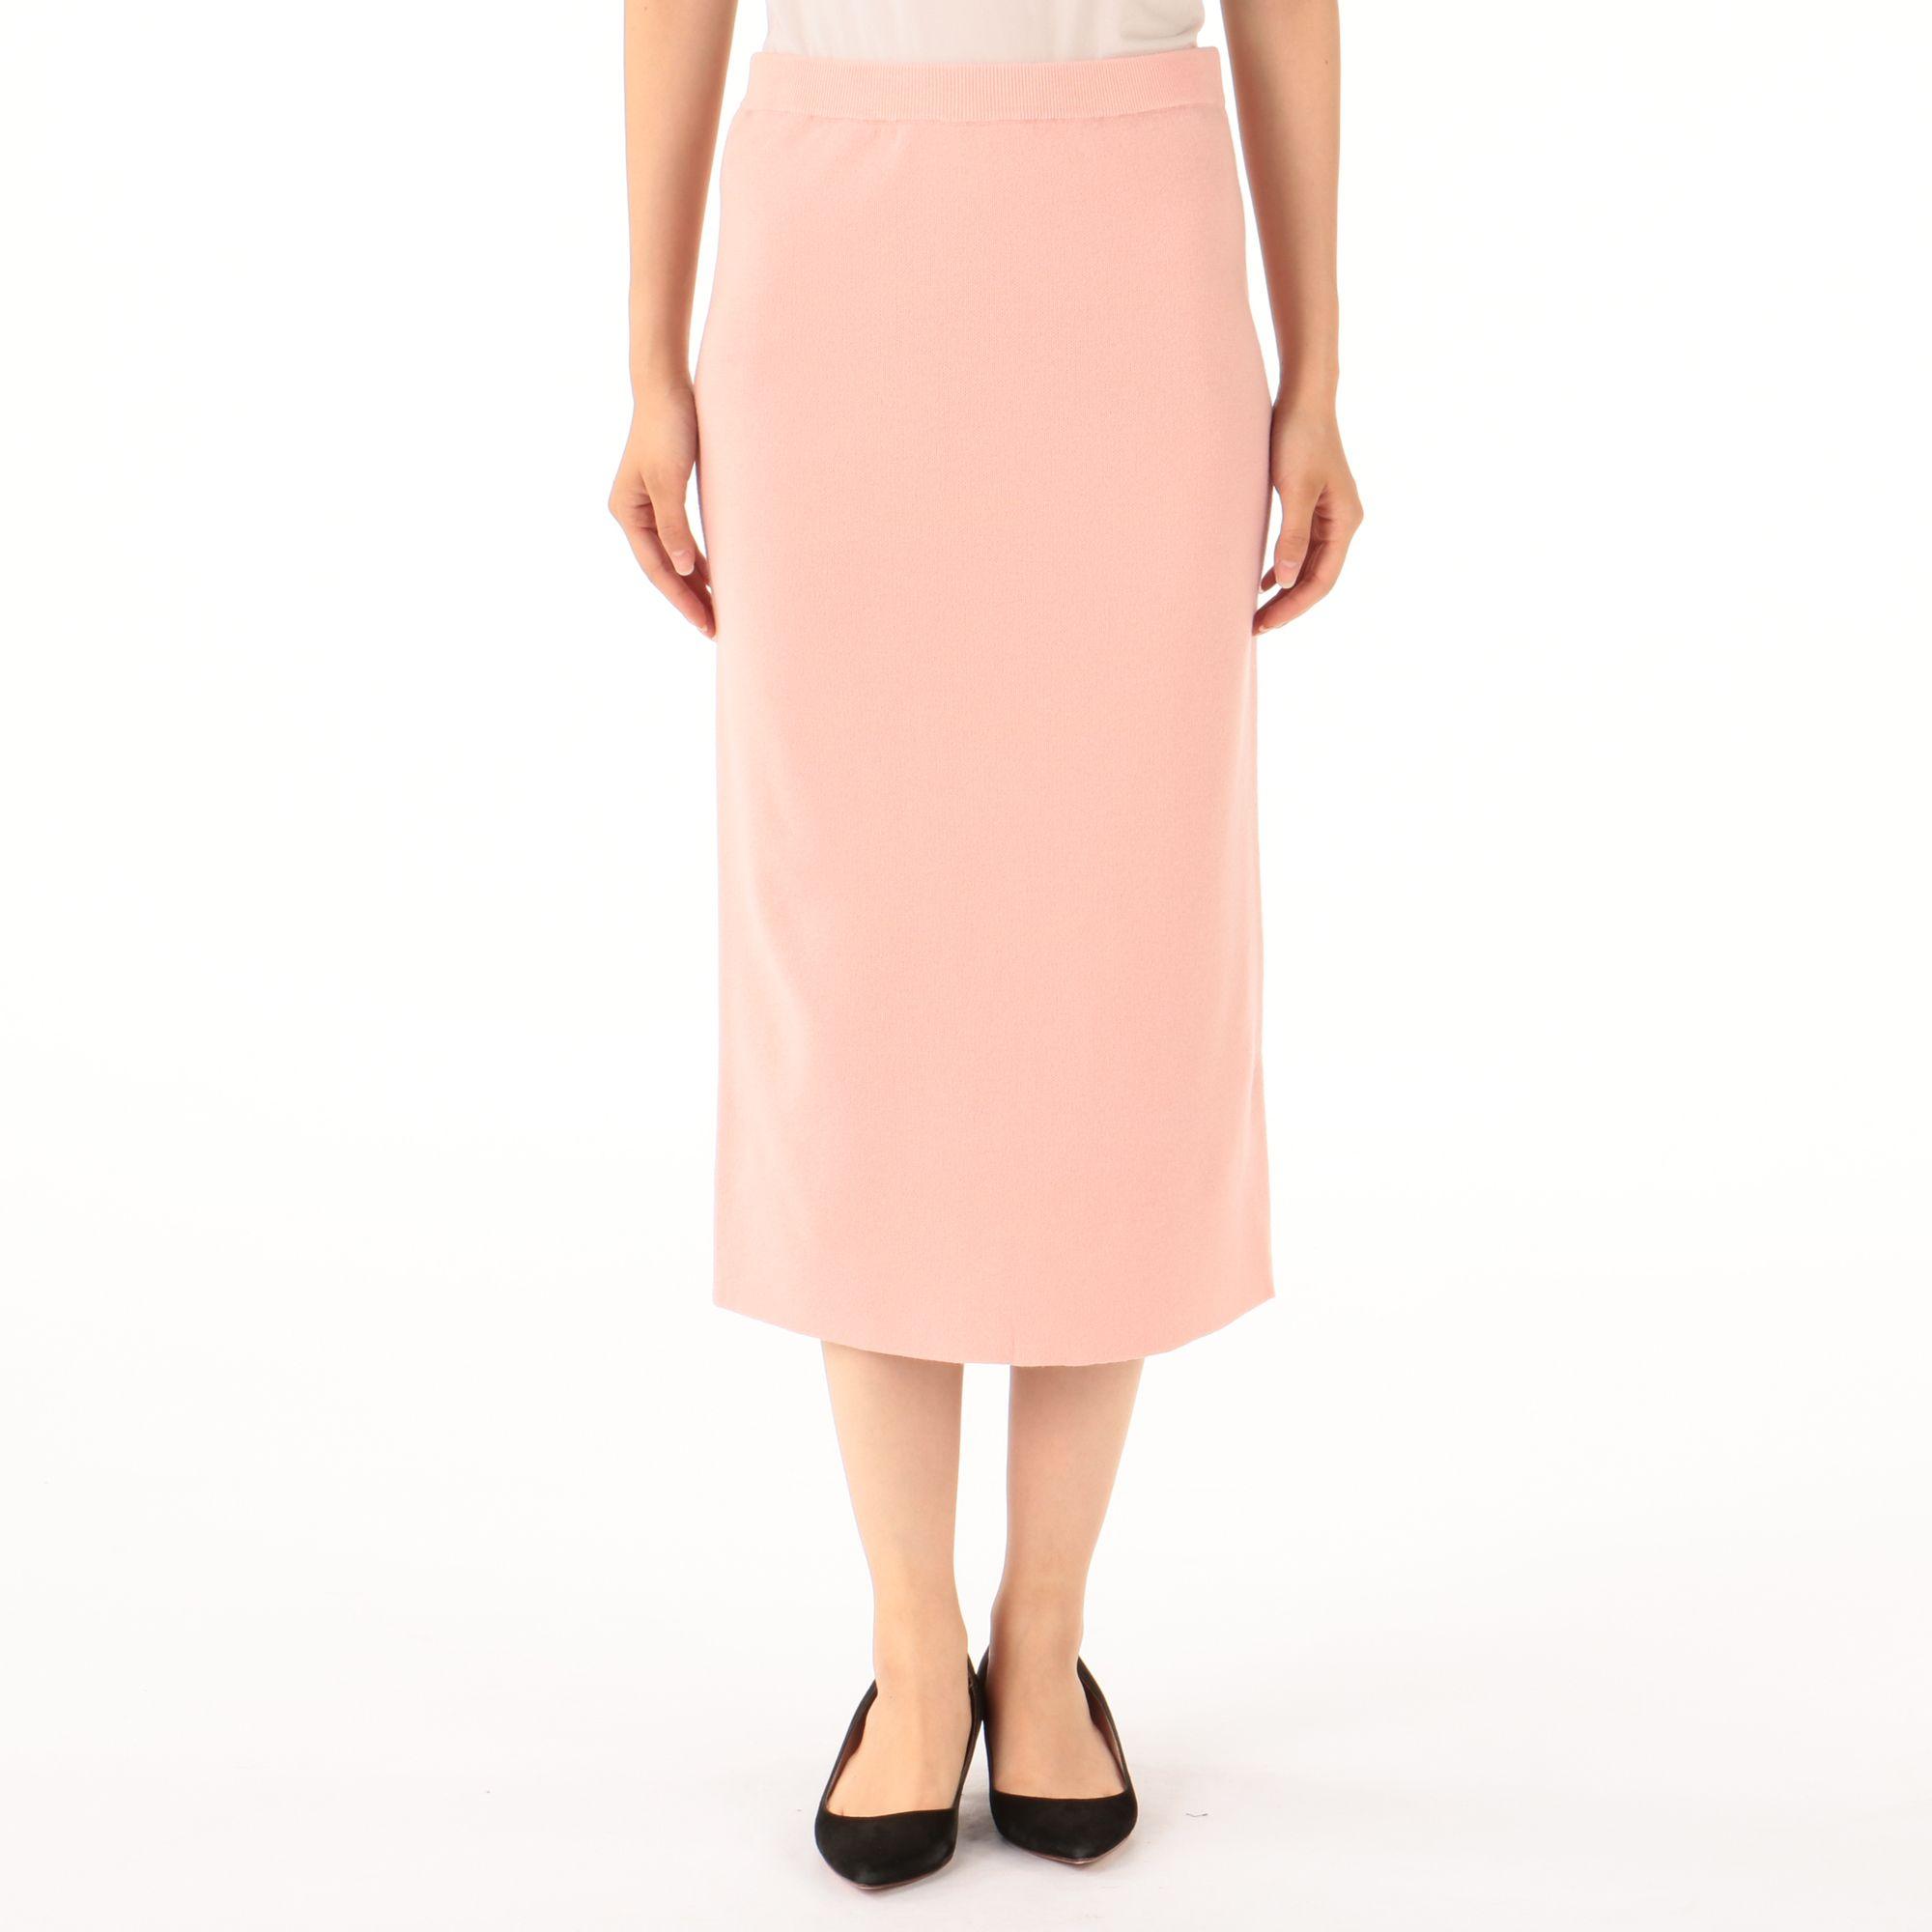 Tiaraティアラ/ニットタイトスカート